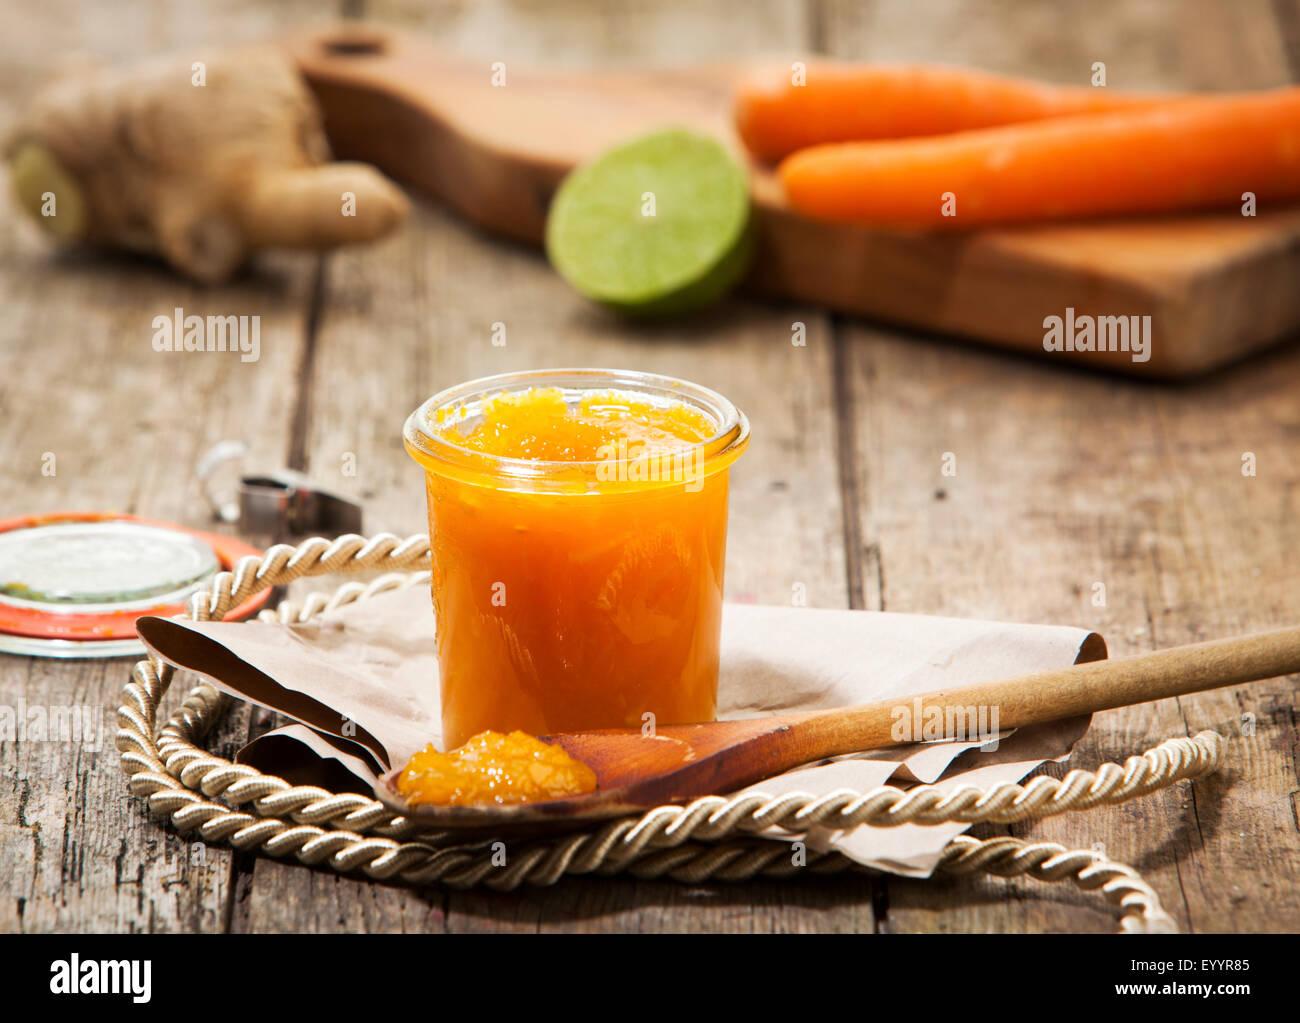 Du chutney de carottes, citron vert et le gingembre dans un bocal, les ingrédients en arrière-plan Photo Stock